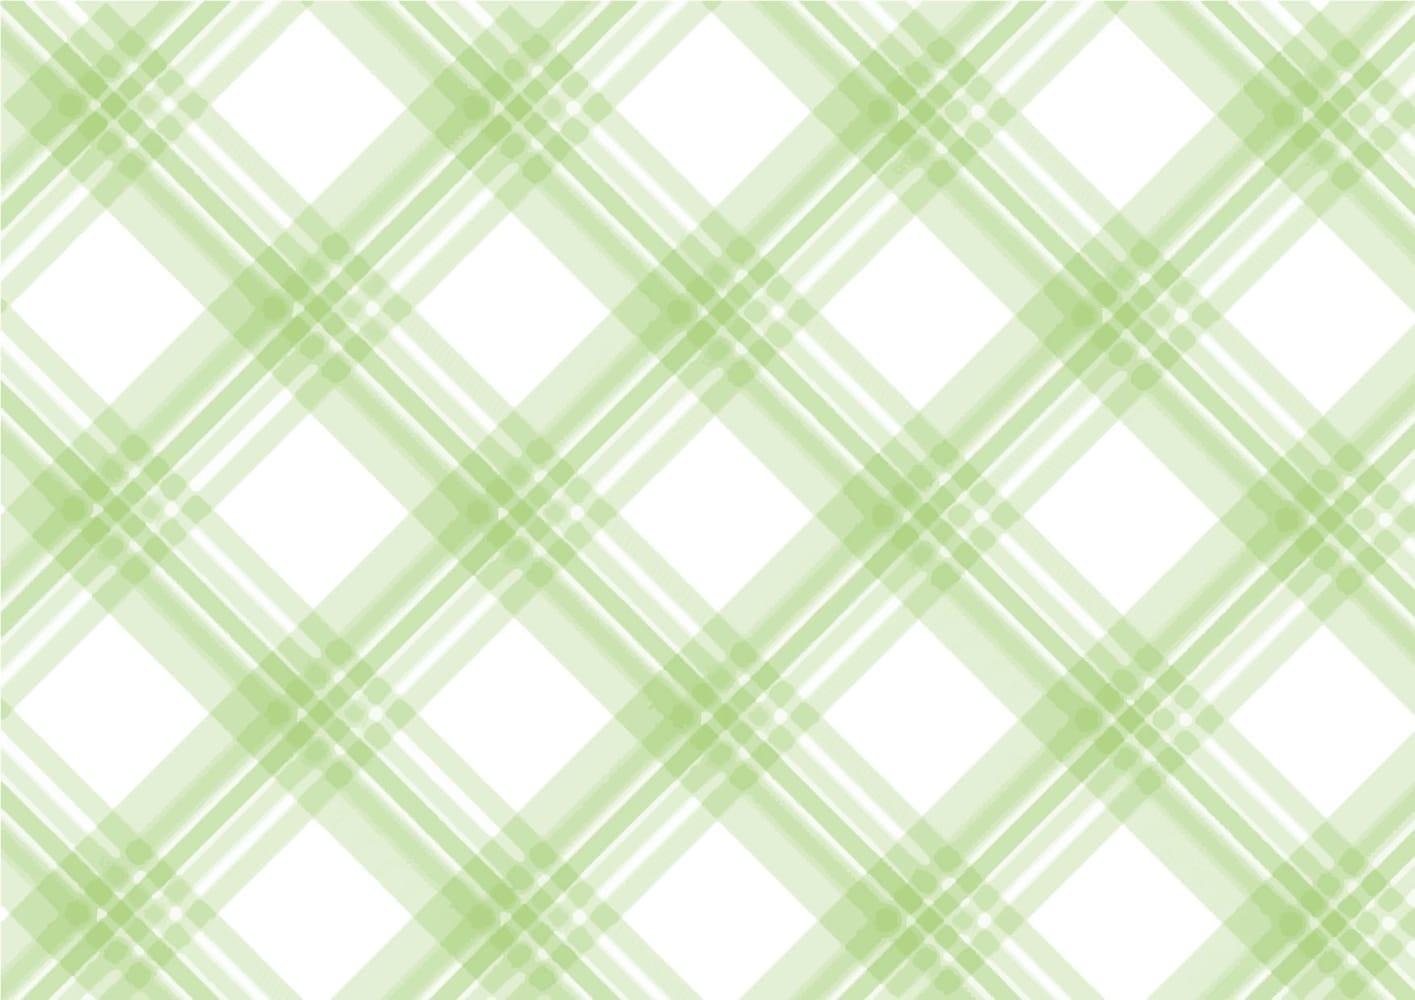 手書き チェック柄 緑色 背景2 イラスト 無料